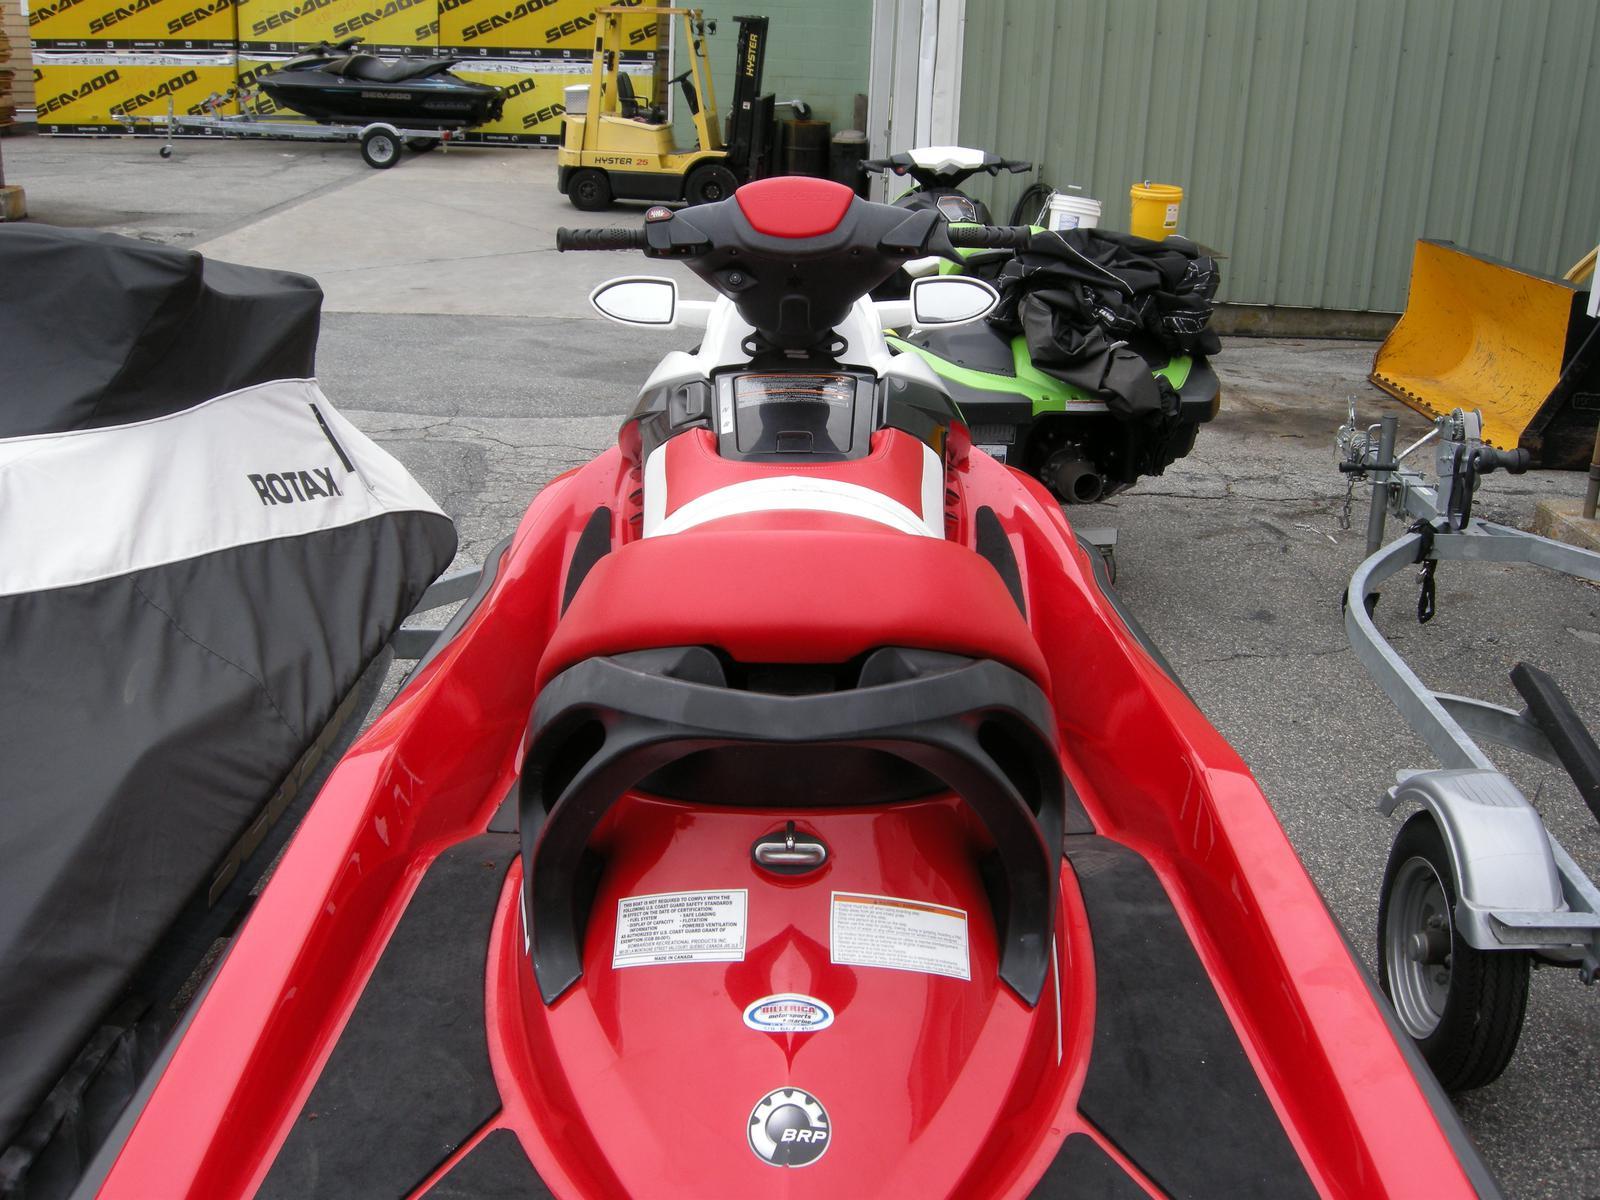 2007 Sea-Doo RXT for sale in North Billerica, MA  Billerica